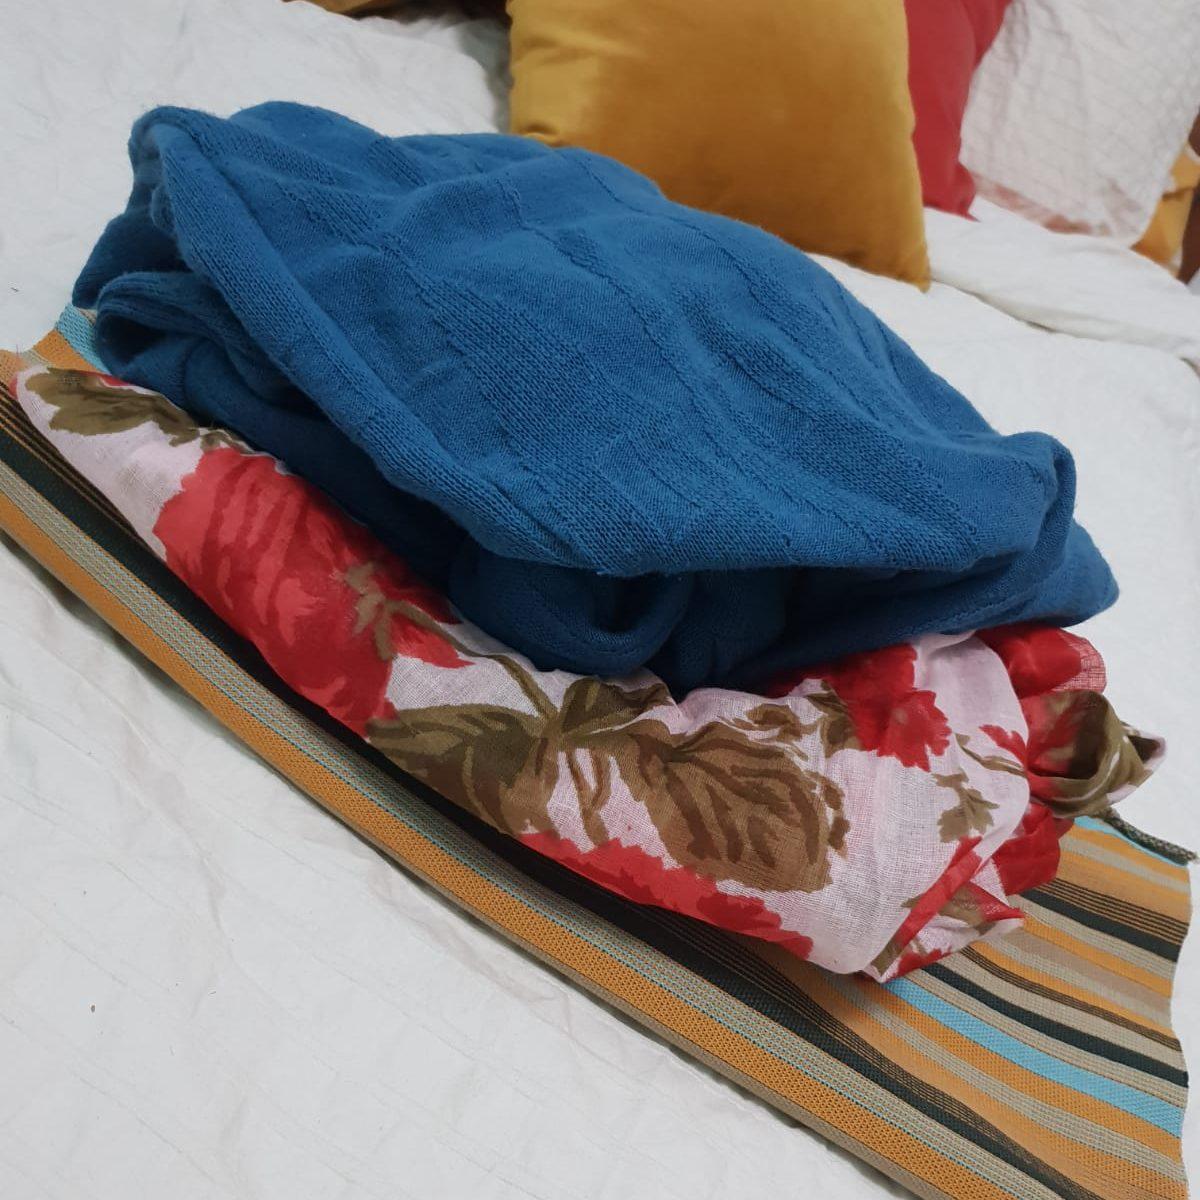 Fabric Pile - Fashion Design